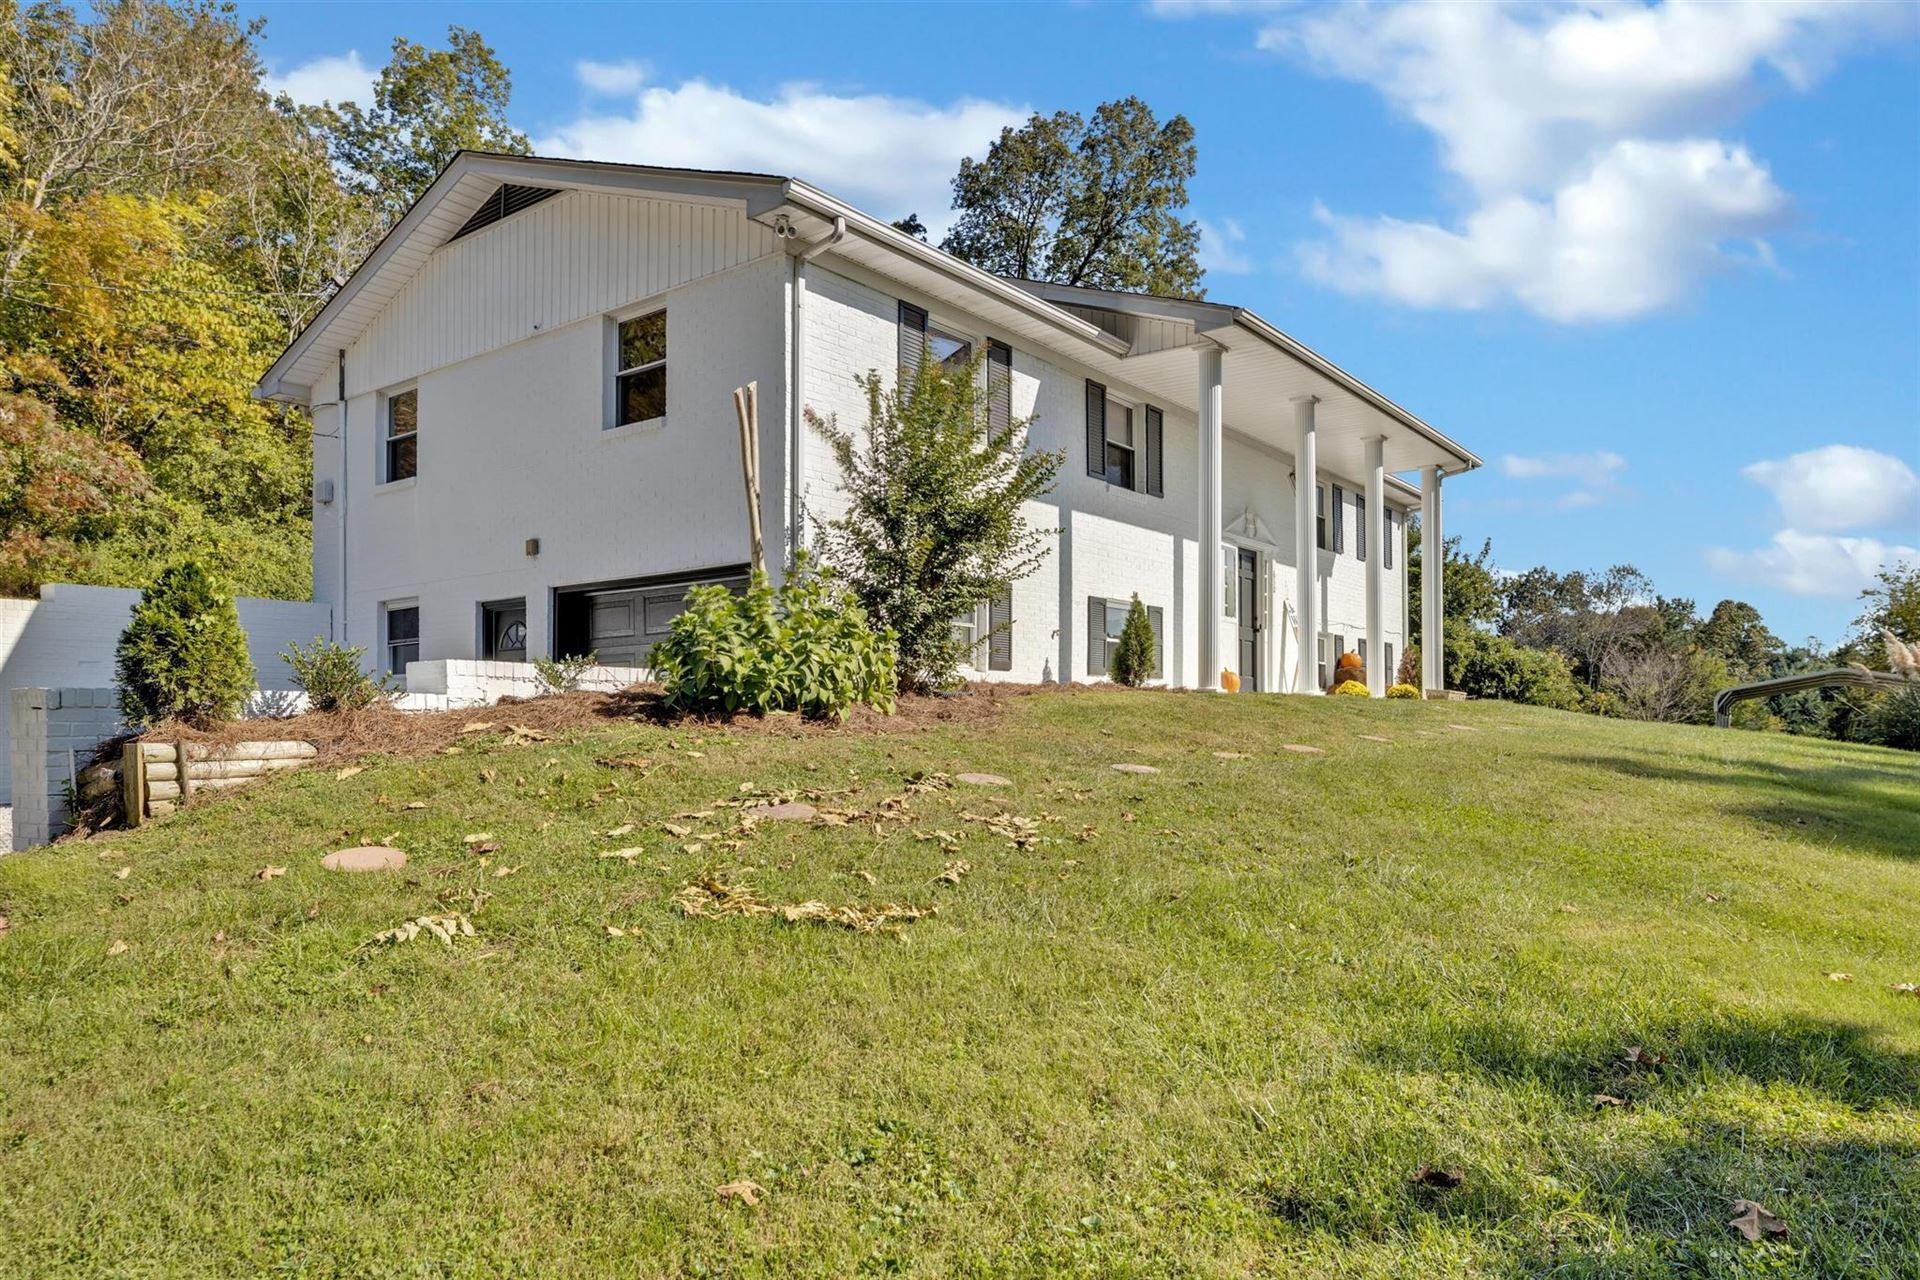 Photo of 630 Everett Rd, Farragut, TN 37934 (MLS # 1131829)